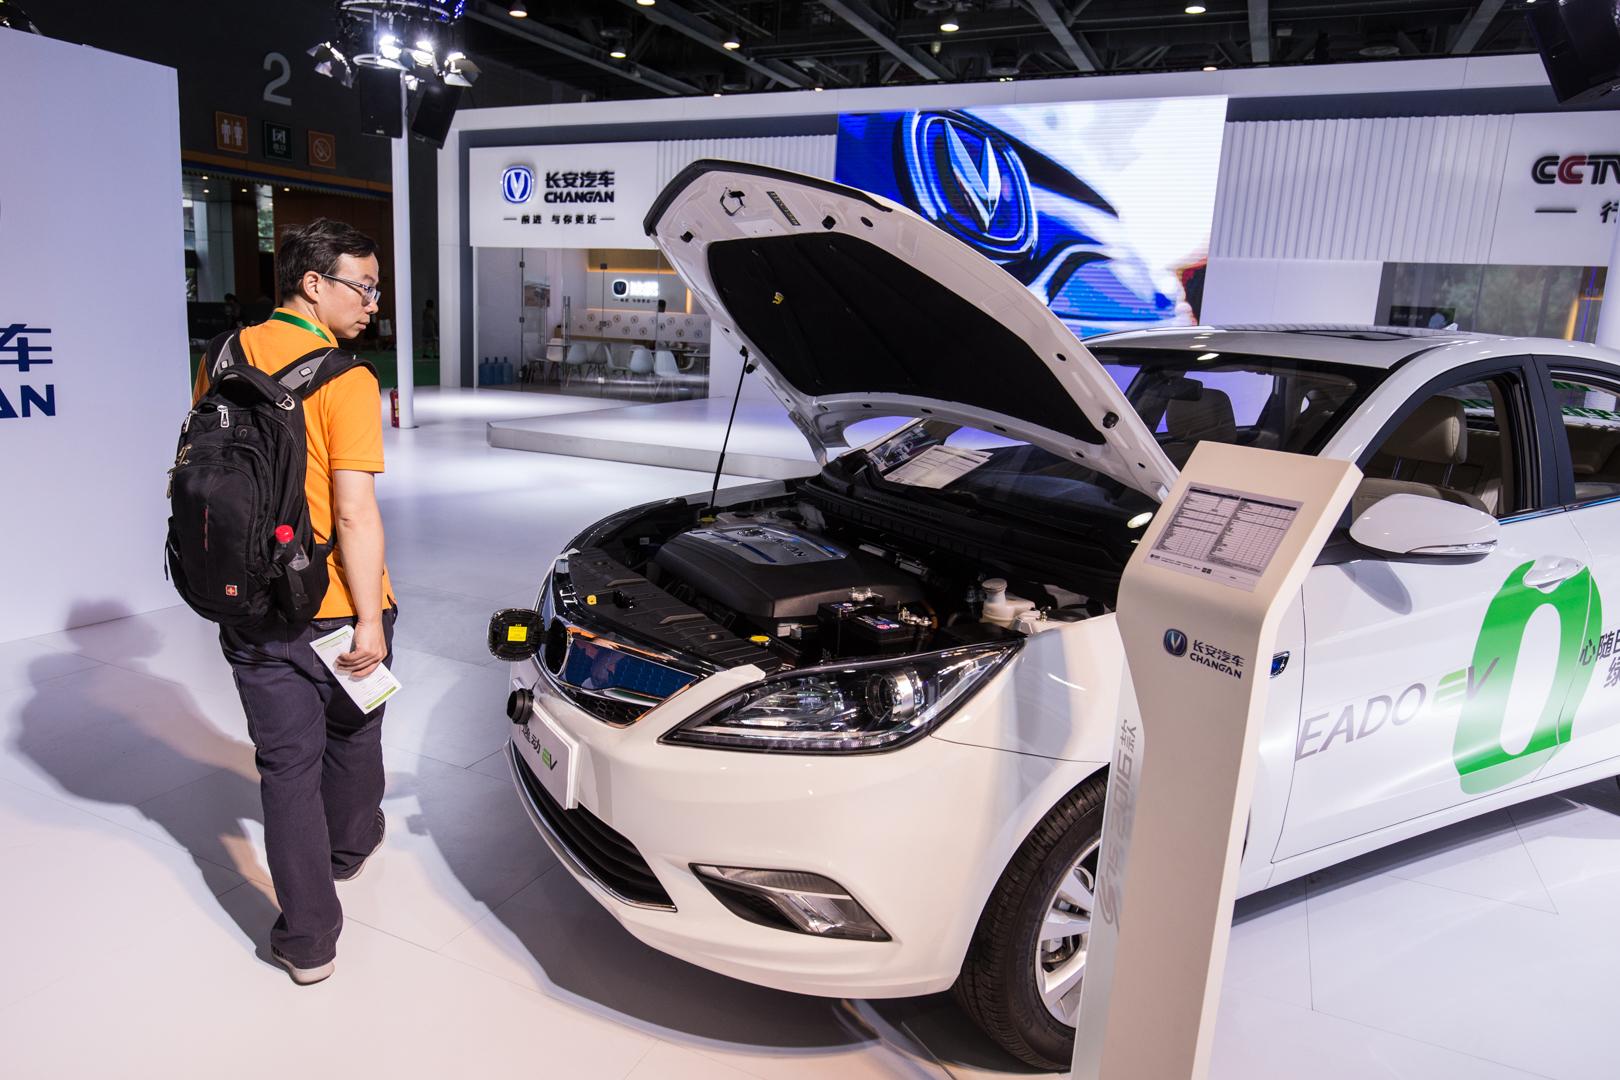 廣州保利世貿博覽館,一位觀眾在參觀一輛新能源汽車。(新華社 張若玄 攝)